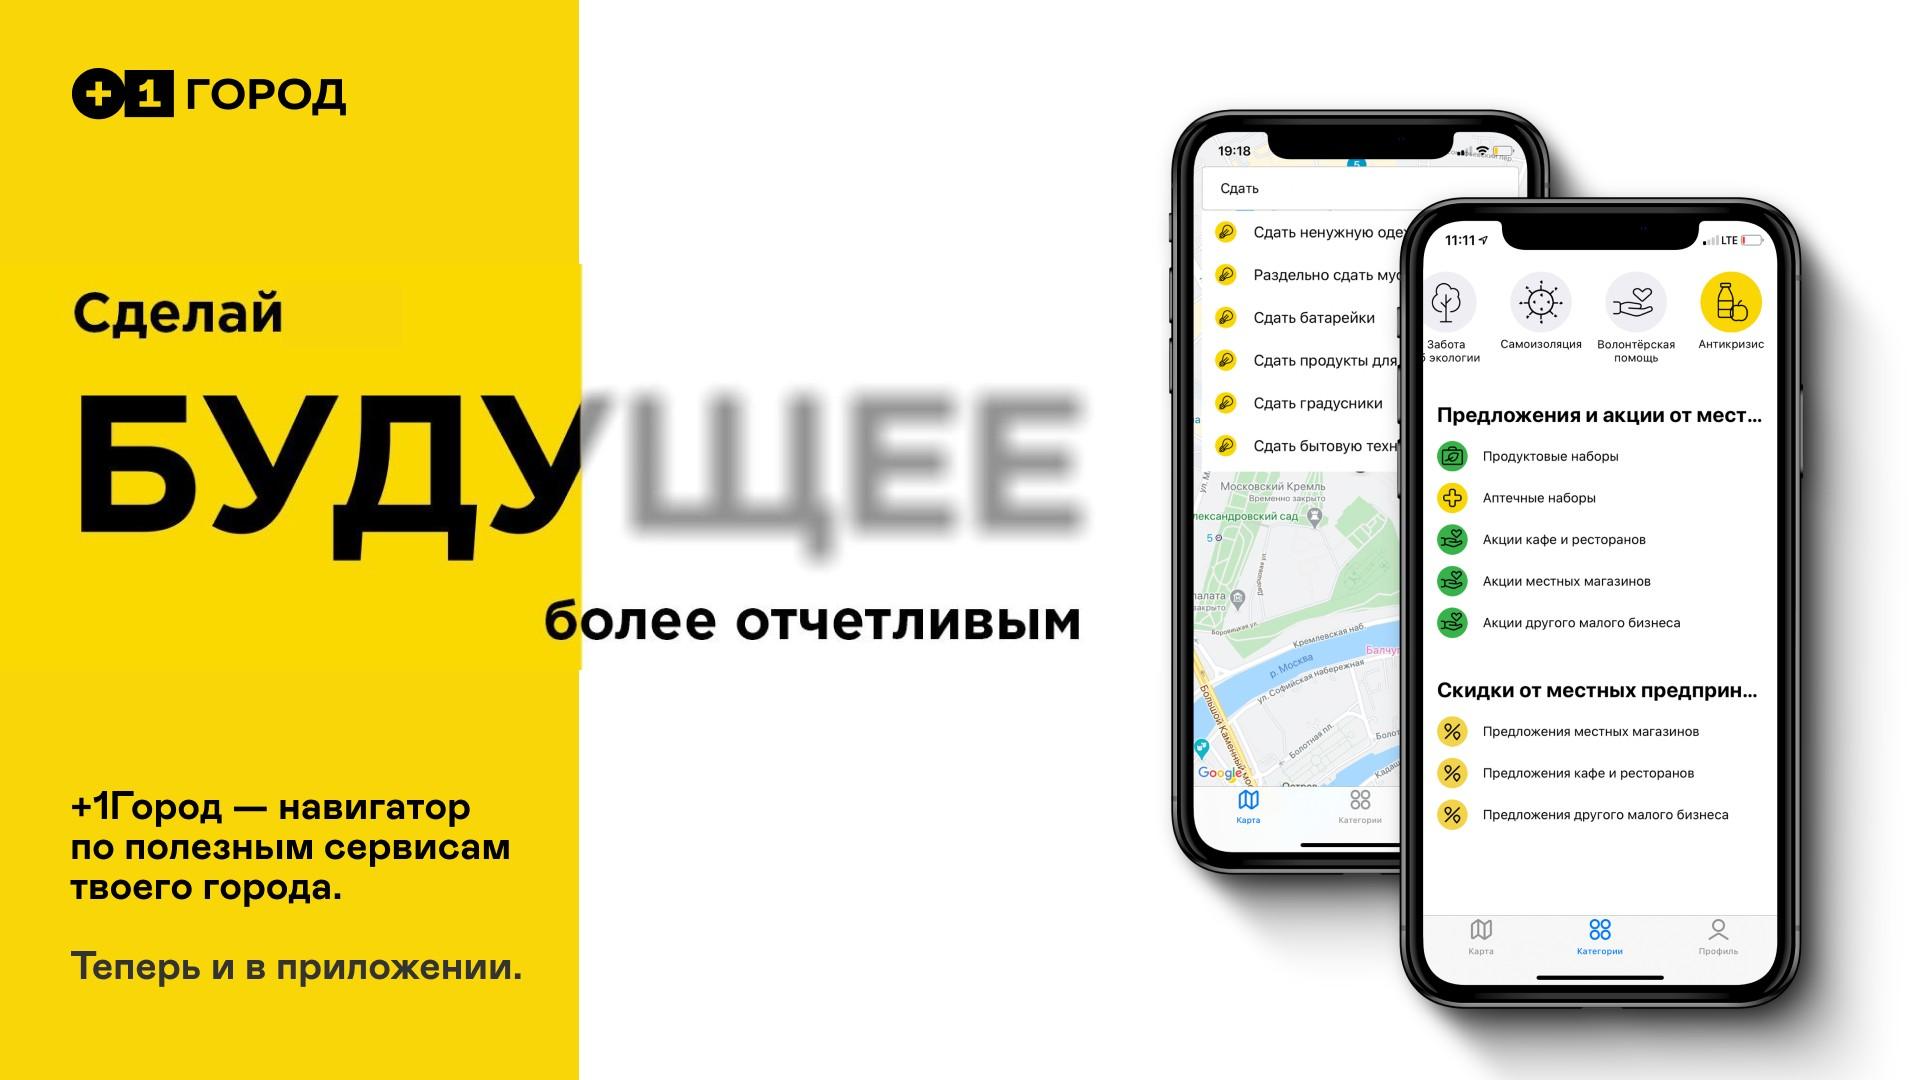 Проект +1Город выпустил мобильное приложение с программой взаимопомощи